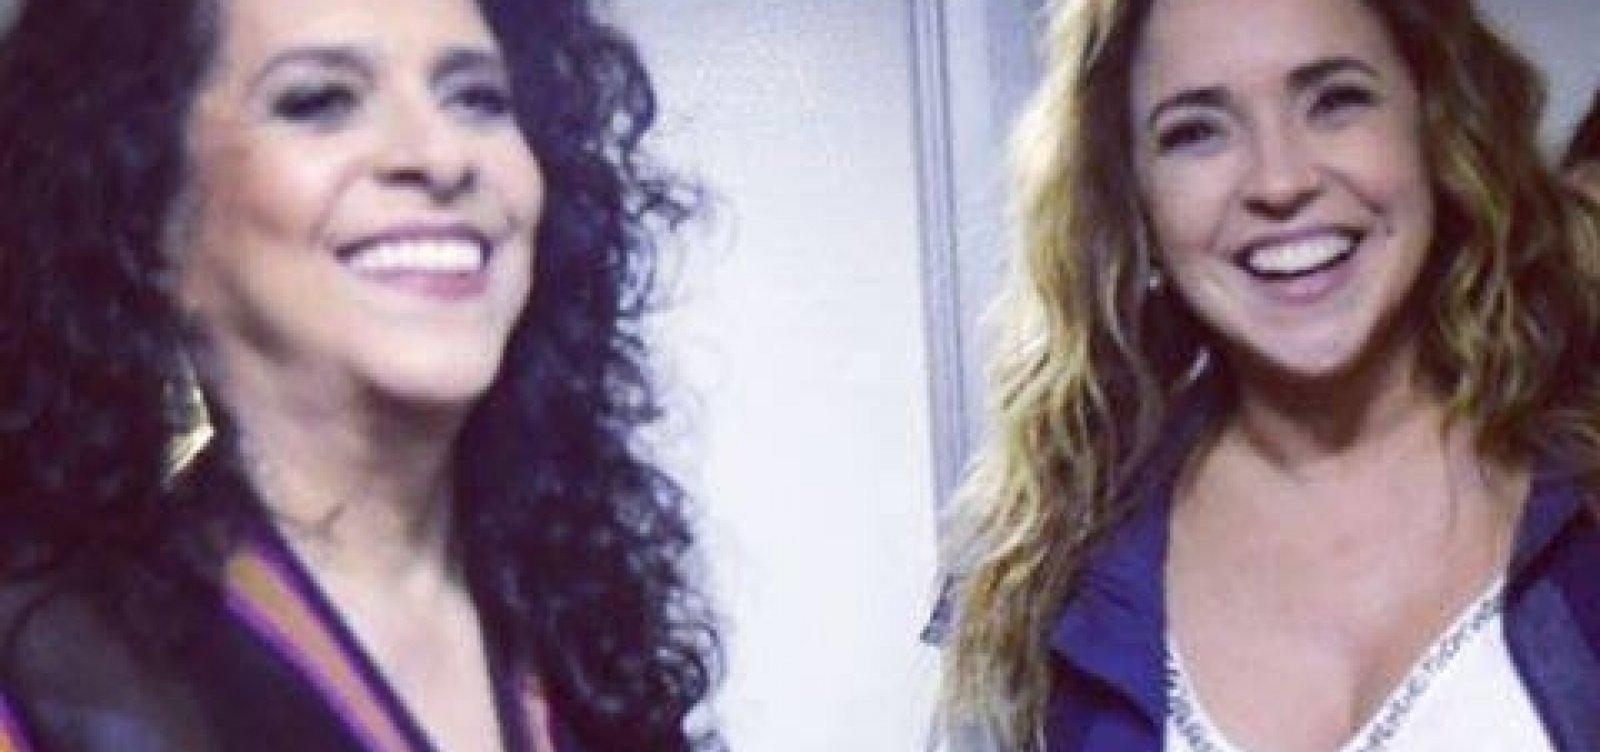 Em homenagem a Moraes Moreira, Daniela Mercury lança nova música com Gal Costa